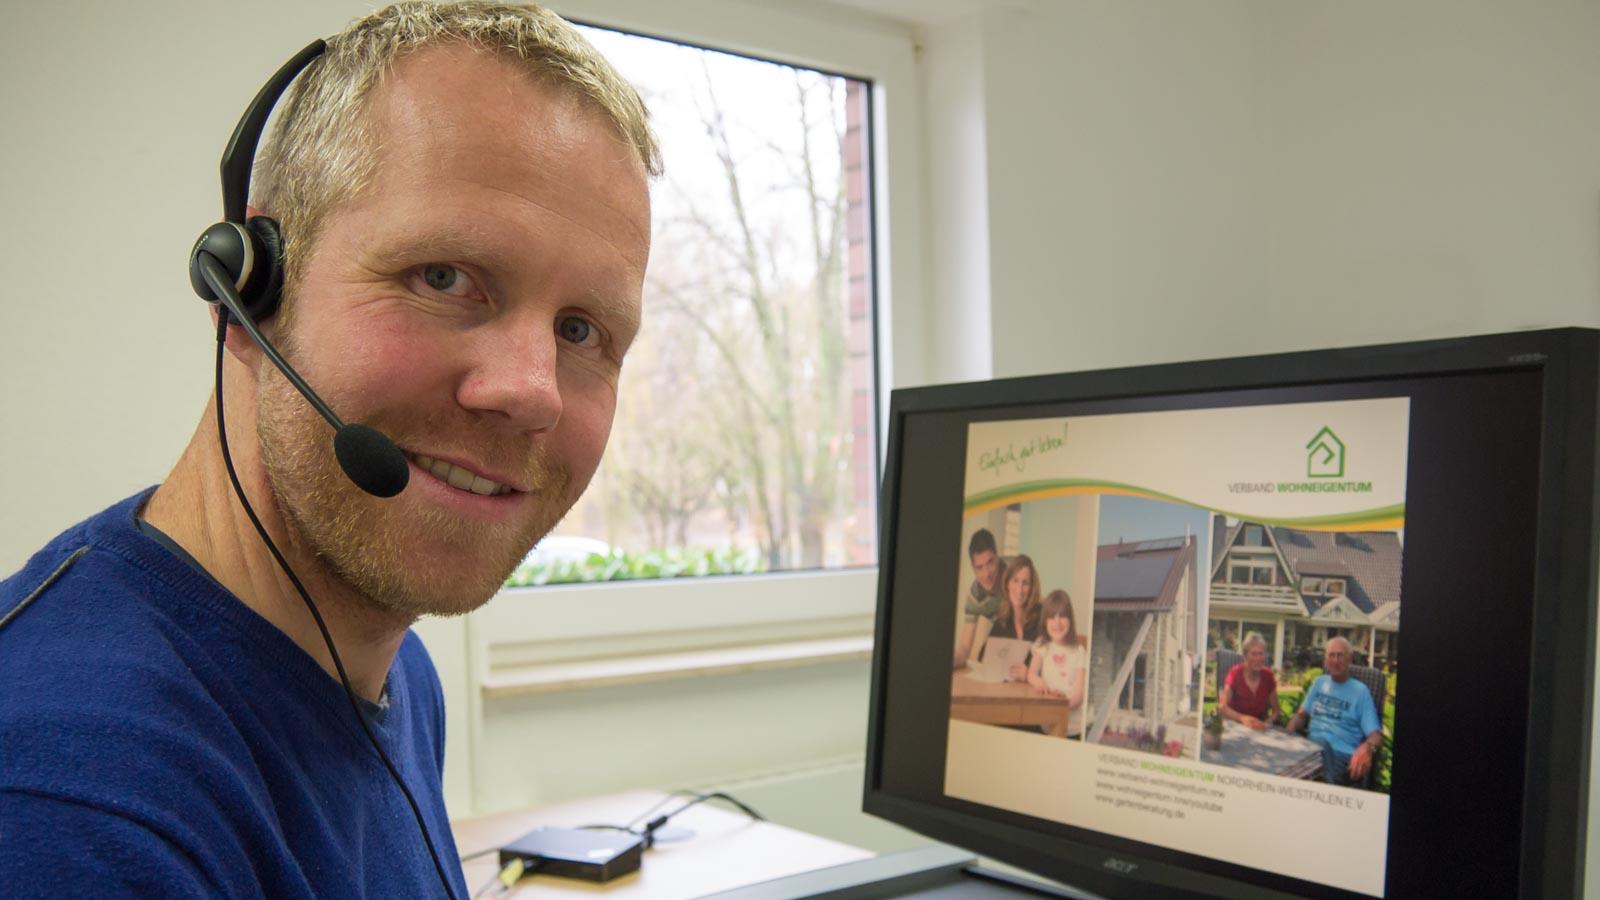 Referent Philippe Dahlmann mit Headset vor einem Monitor